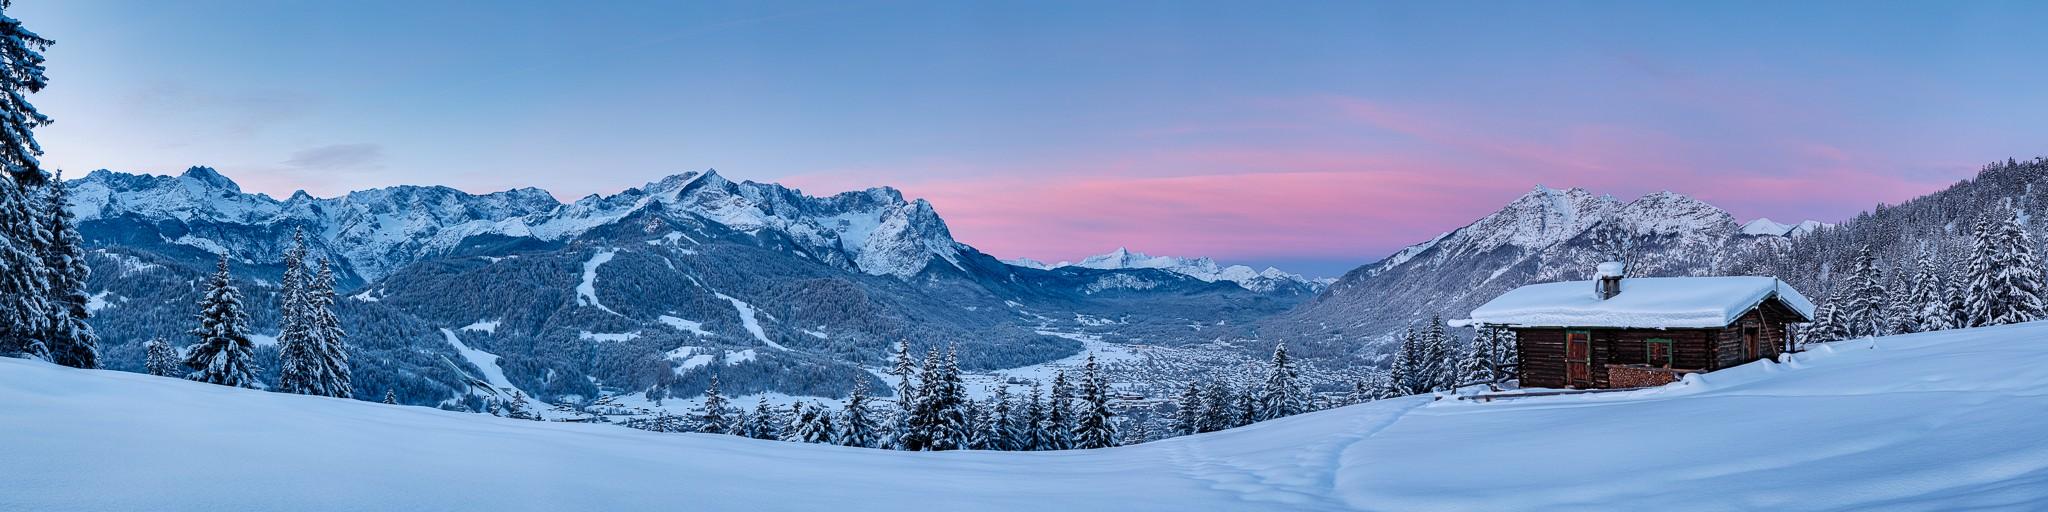 Sensationeller Wintermorgen in Garmisch-Partenkirchen. In der Blauen Stunde an der Eckenhütte (Wank) mit einem Panoramablick auf die Winterlandschaft mit Bergkulisse.